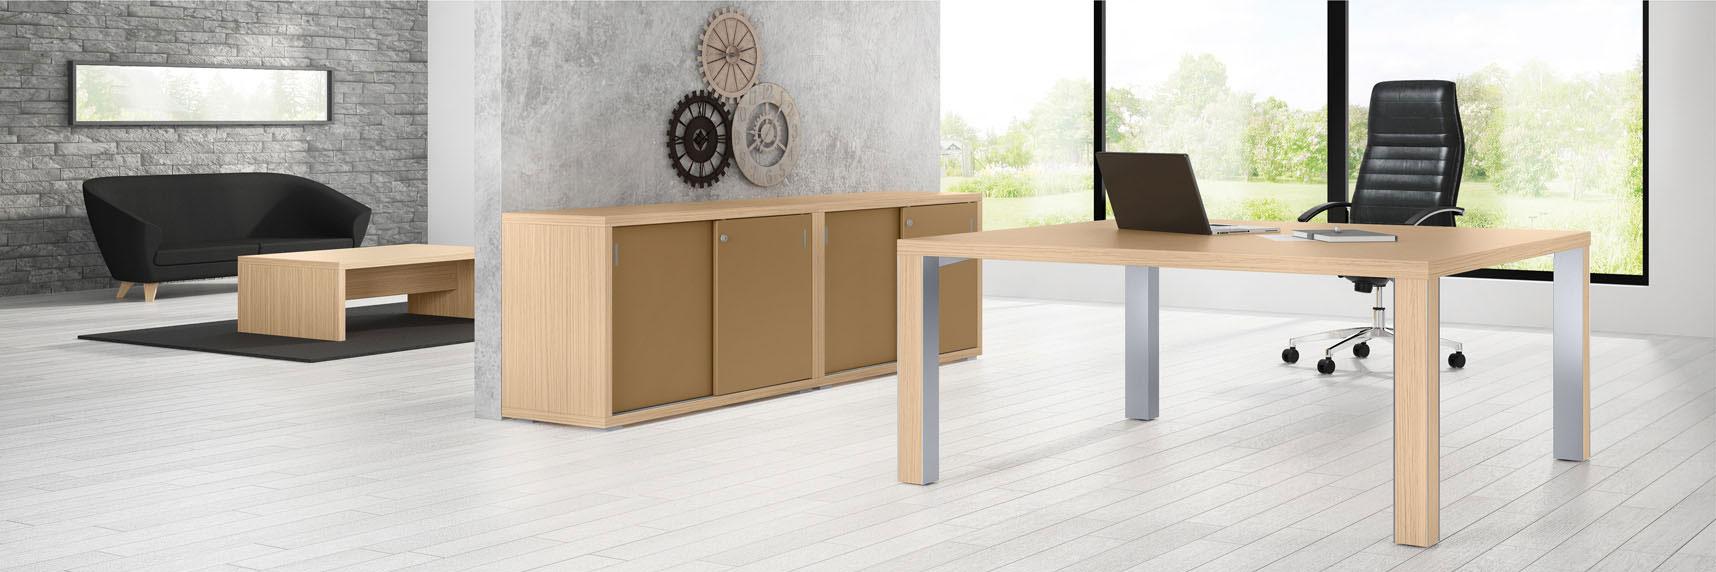 Pourquoi éviter le mobilier de bureau discount ?